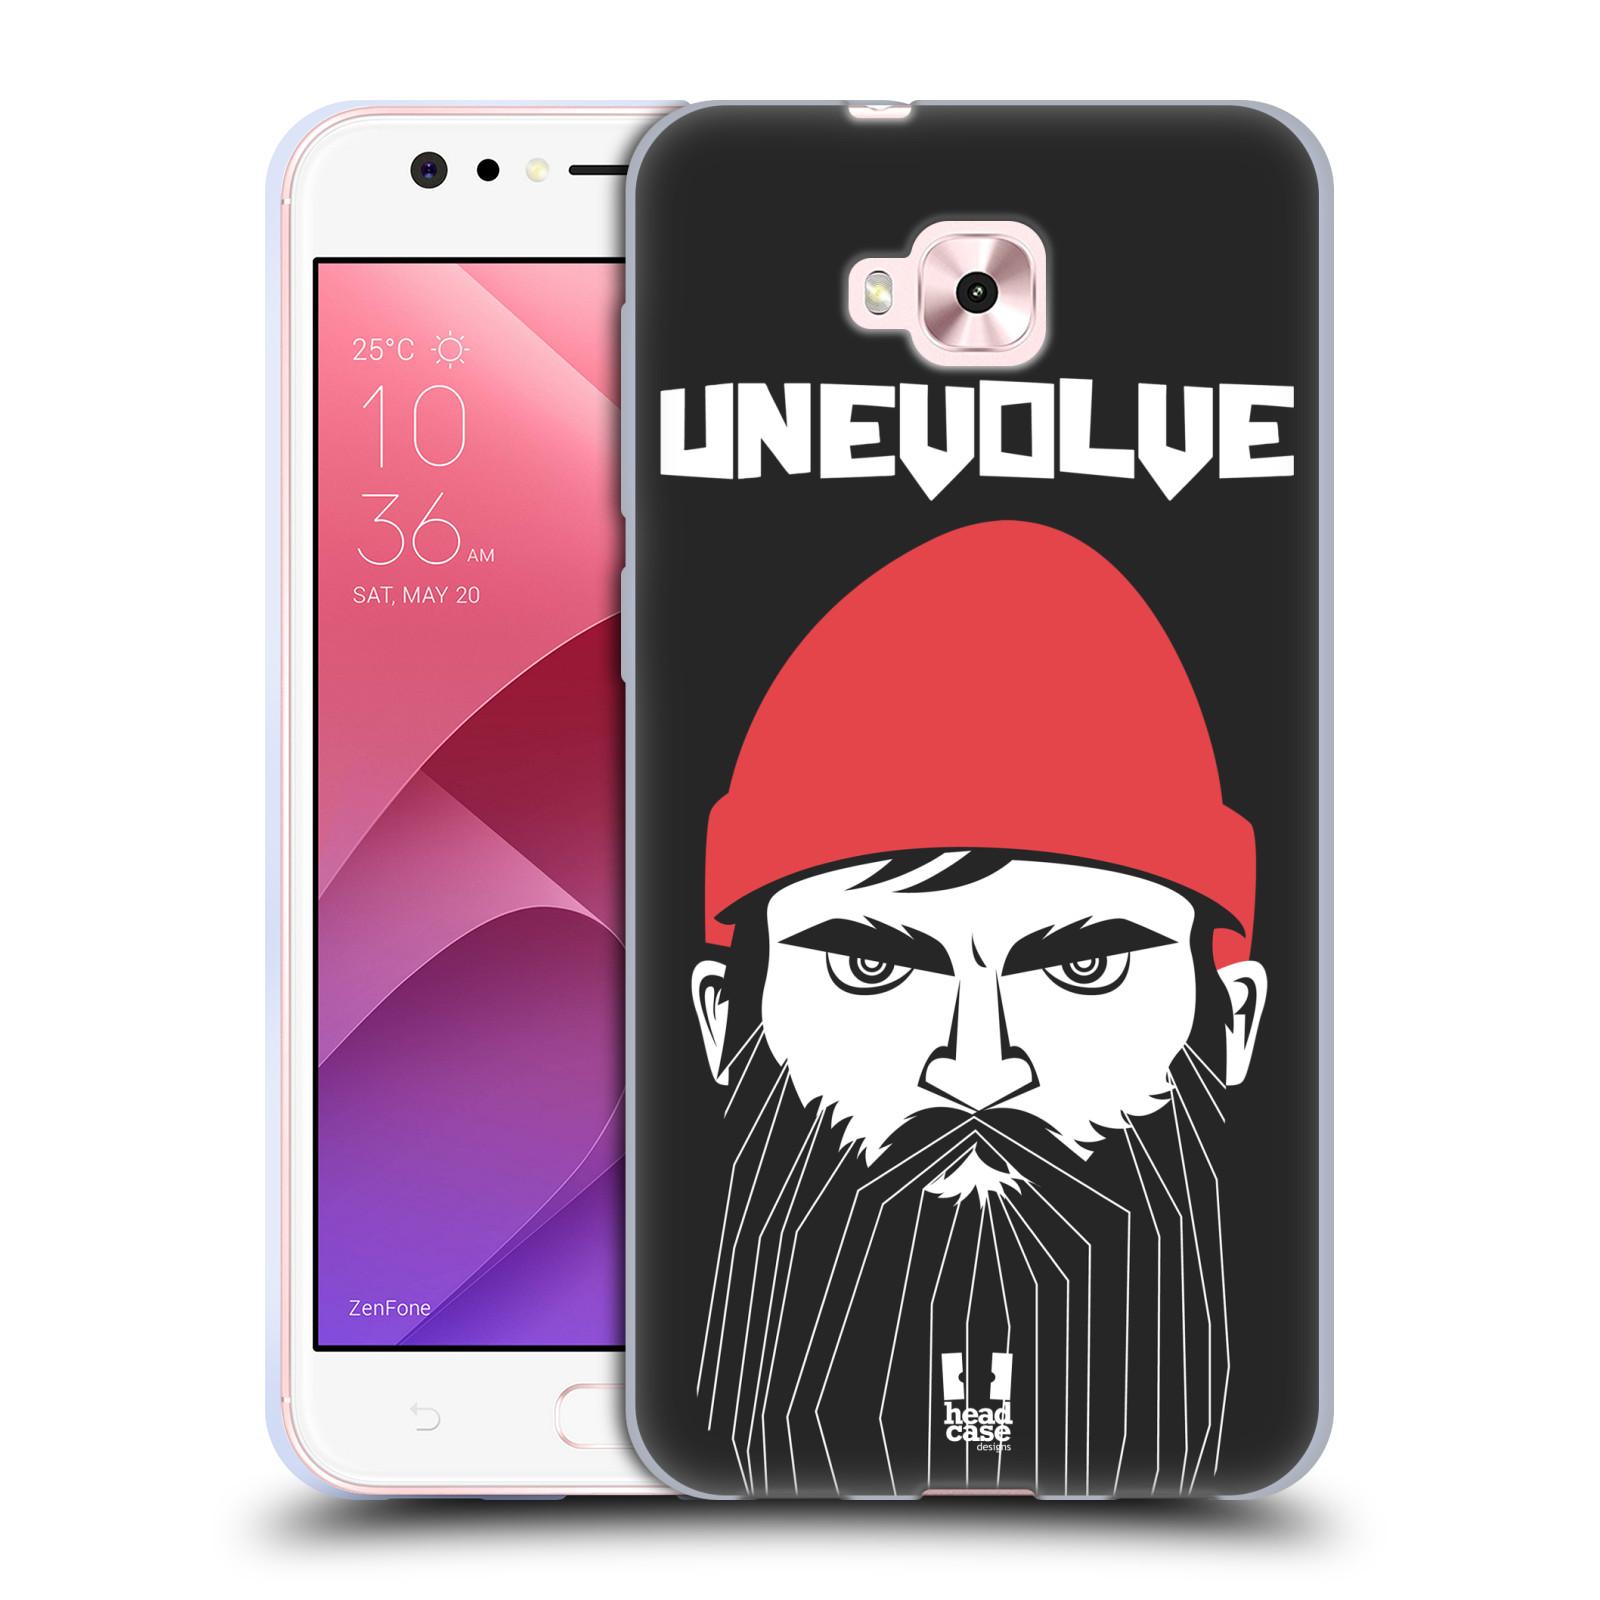 Silikonové pouzdro na mobil Asus Zenfone 4 Selfie ZD553KL - Head Case - KNÍRAČ UNEVOLVE